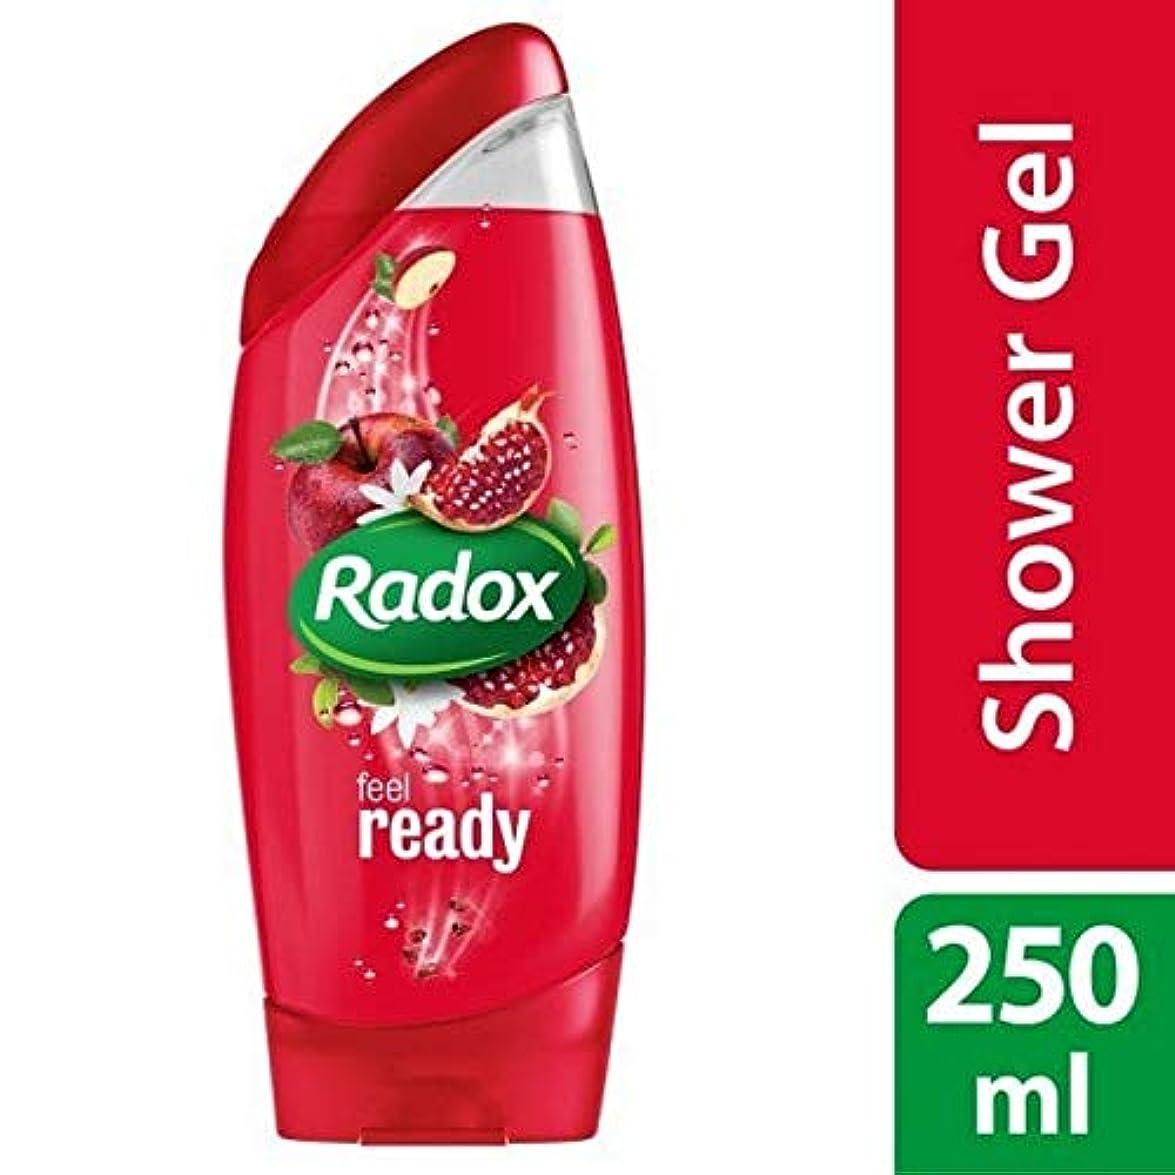 富豪無力つかむ[Radox] Radoxは準備ができてシャワージェル250ミリリットルを感じます - Radox Feel Ready Shower Gel 250ml [並行輸入品]